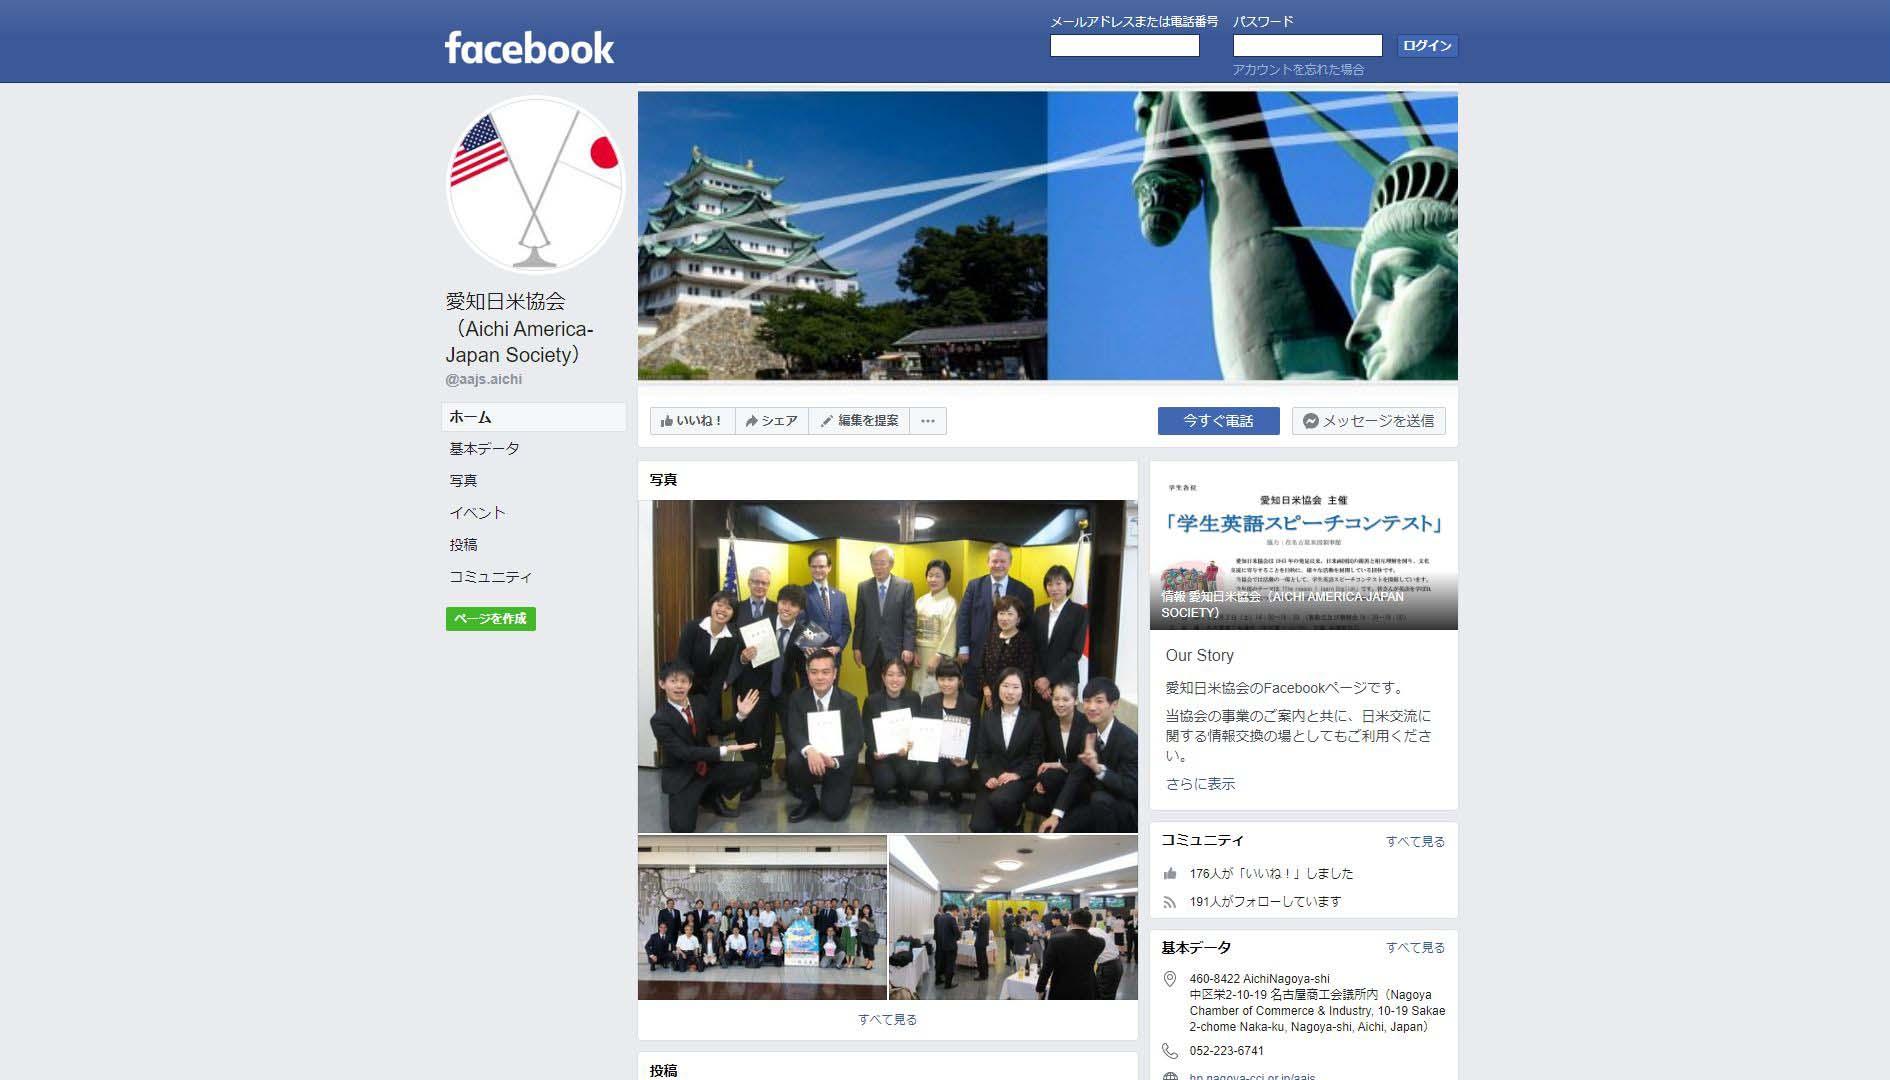 愛知日米協会